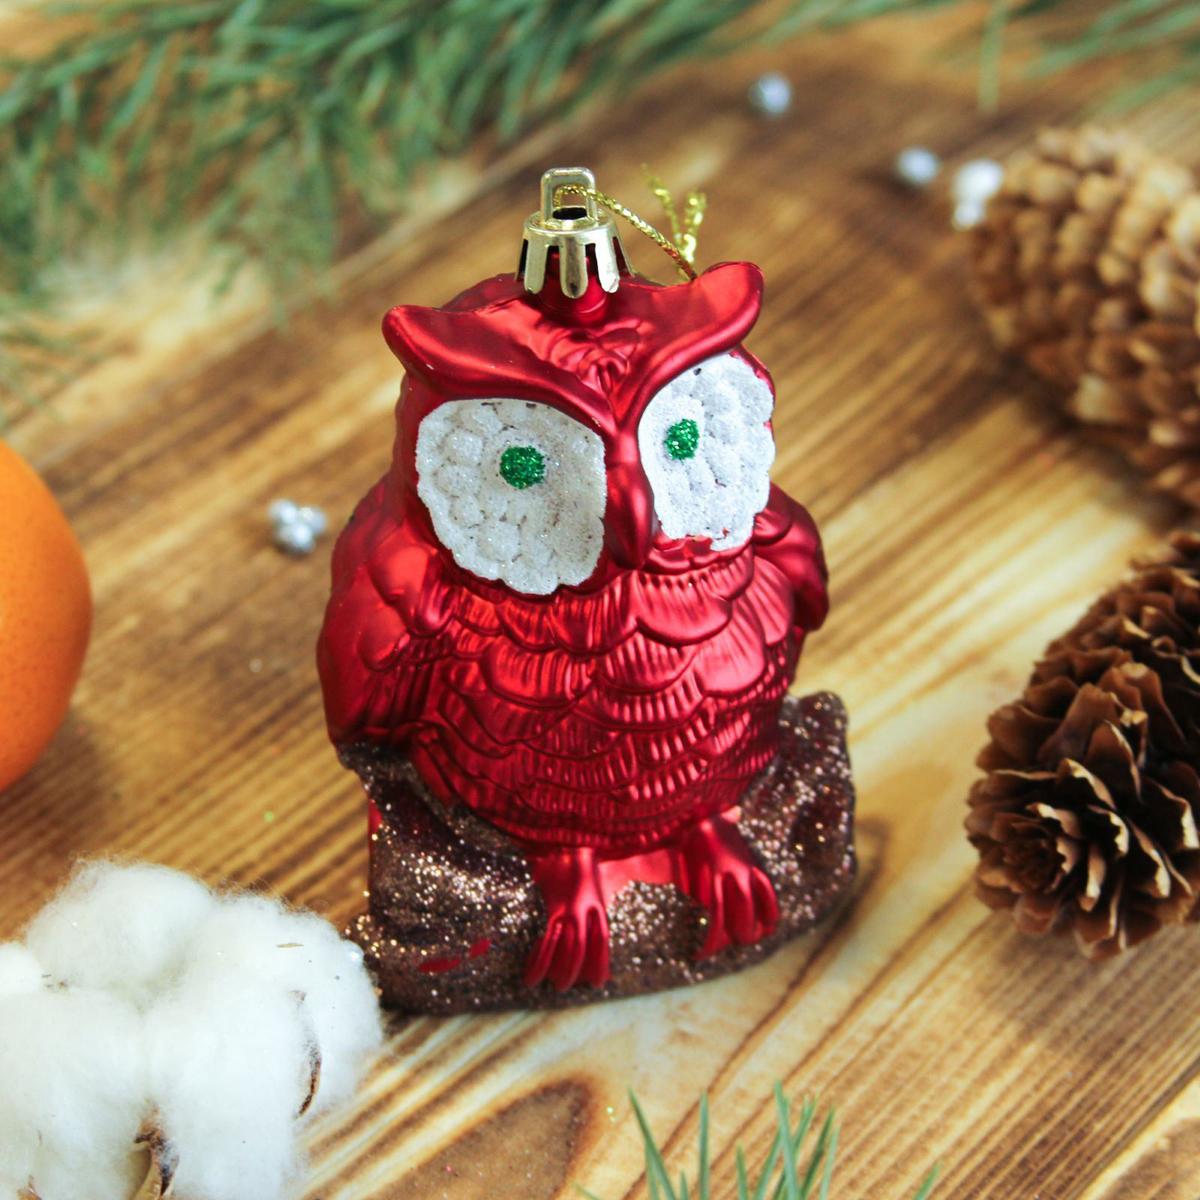 Набор новогодних подвесных украшений Sima-land Совята, 5,5 х 7,5 см, 2 шт. 23722012372201Набор новогодних подвесных украшений Sima-land отлично подойдет для декорации вашего дома и новогодней ели. Новогодние украшения можно повесить в любом понравившемся вам месте. Но, конечно, удачнее всего они будет смотреться на праздничной елке.Елочная игрушка - символ Нового года. Она несет в себе волшебство и красоту праздника. Такое украшение создаст в вашем доме атмосферу праздника, веселья и радости.